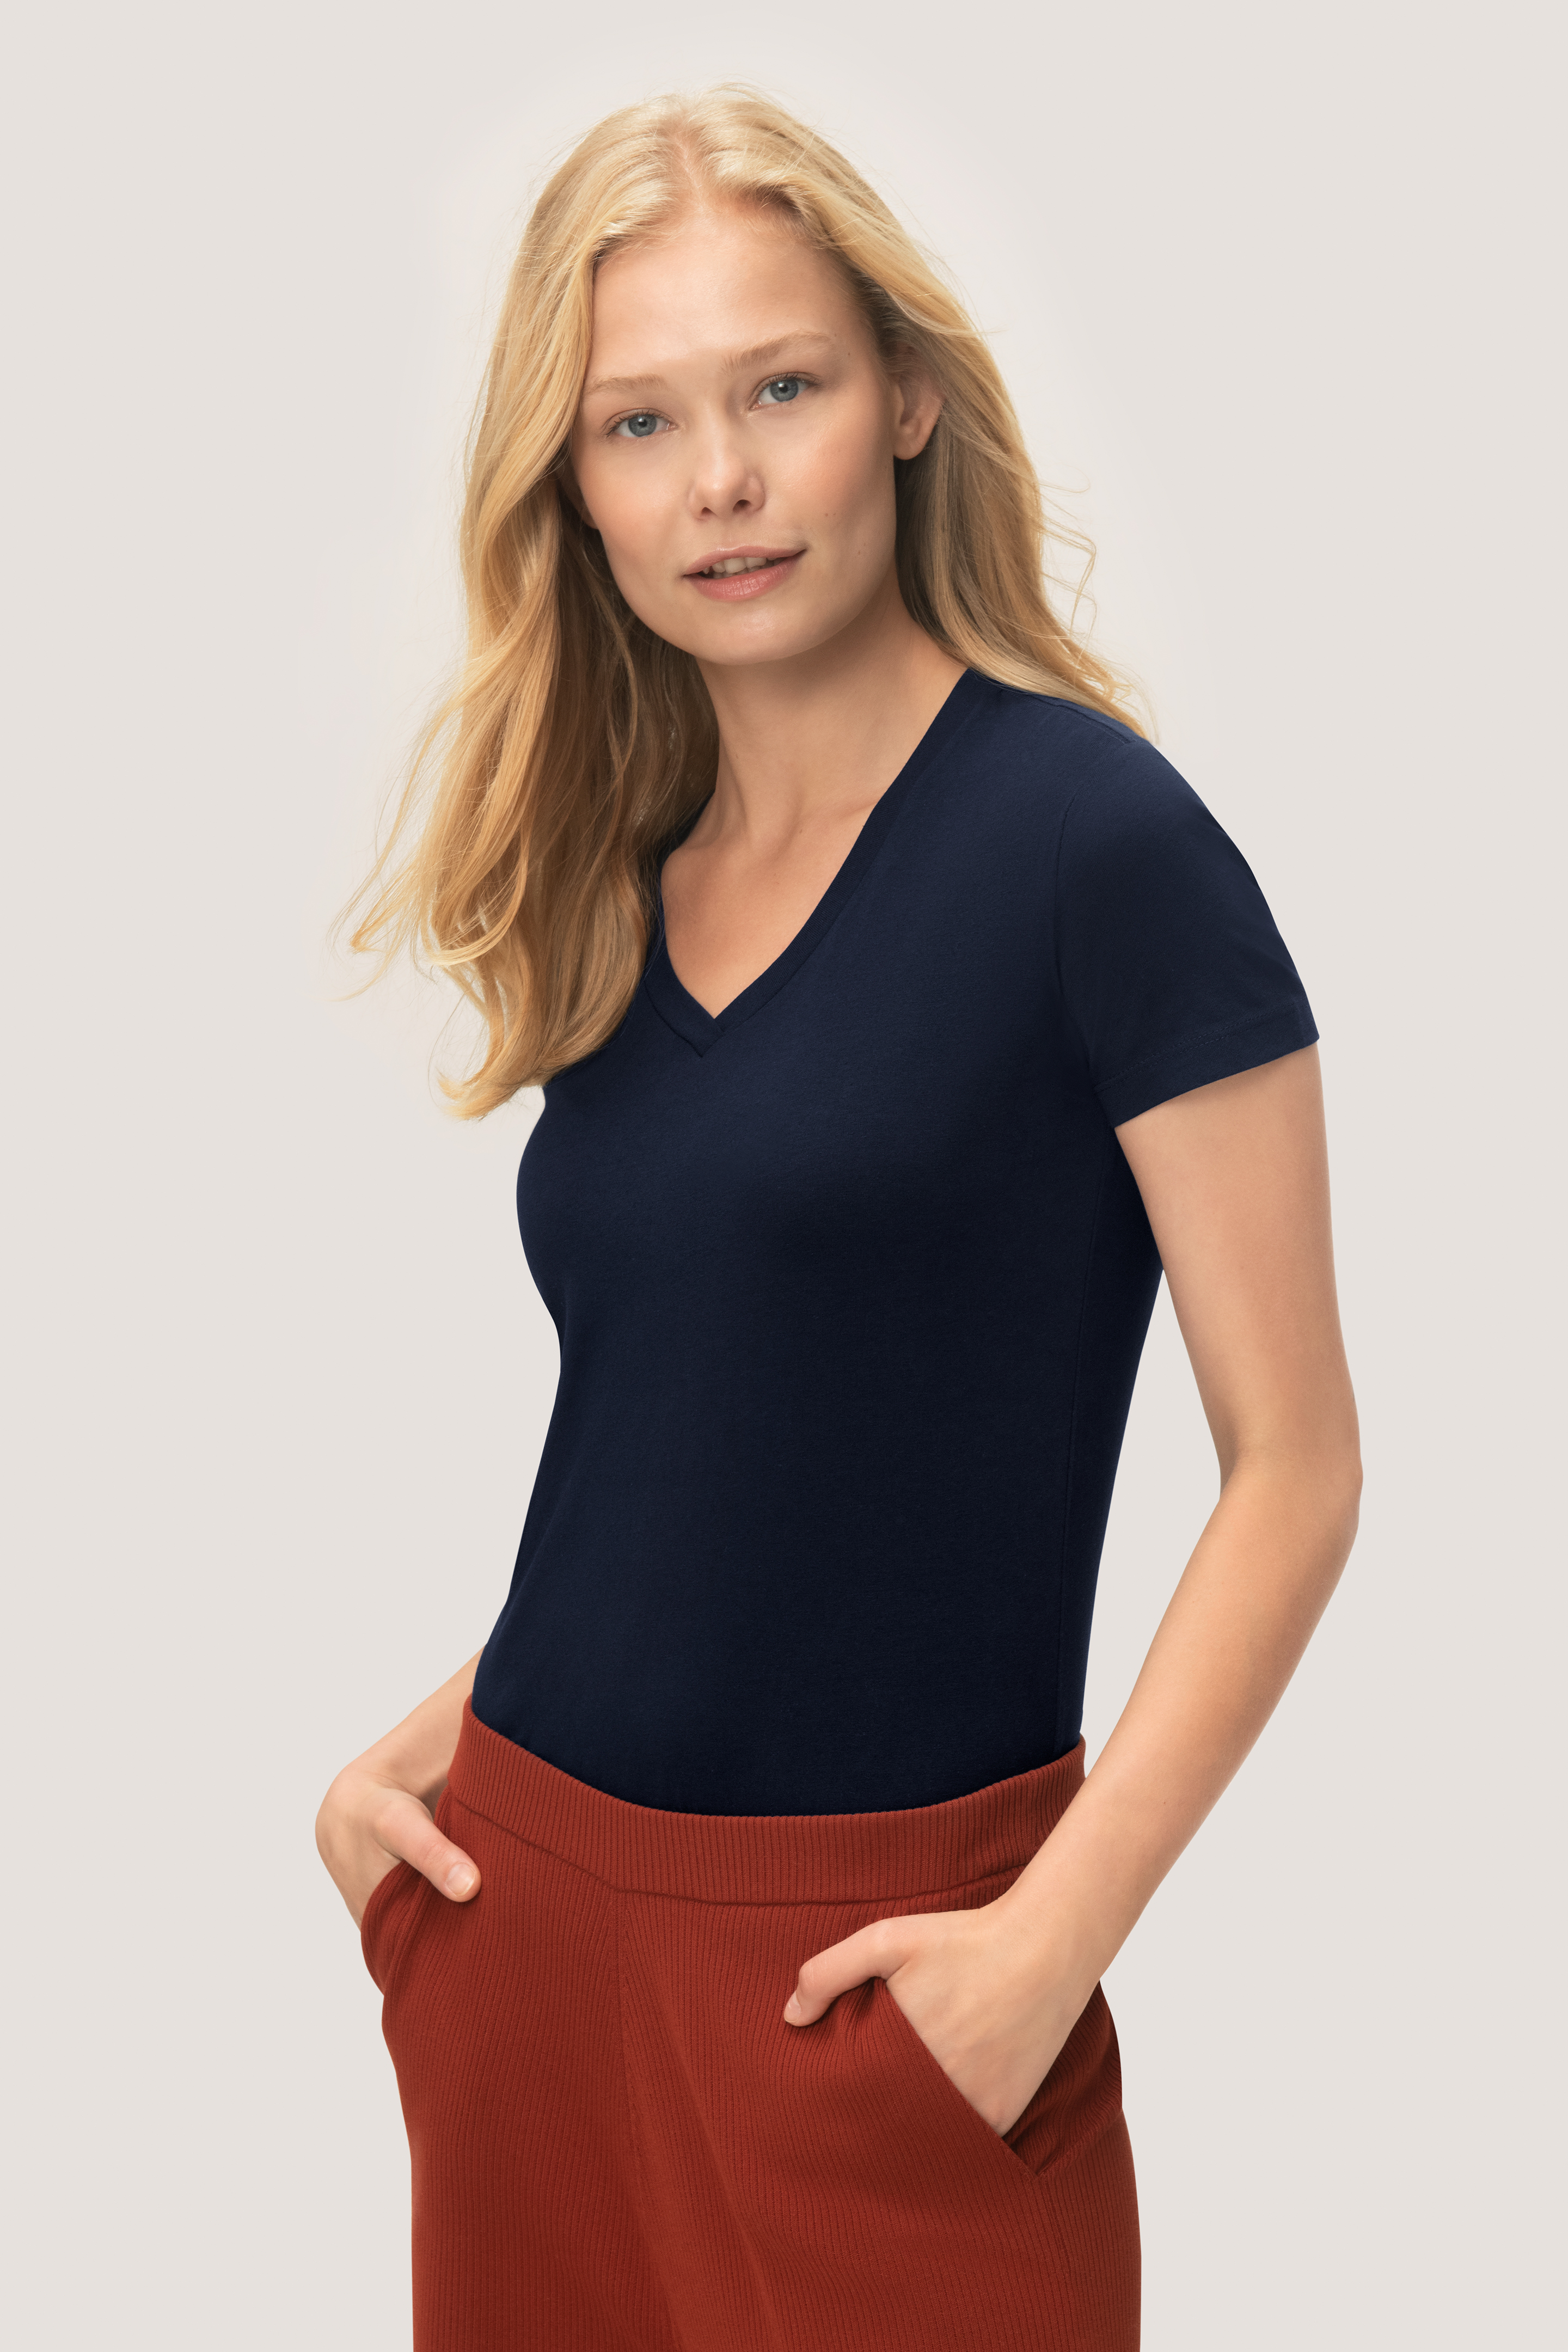 HAKRO Damen V-Shirt Stretch NO. 172